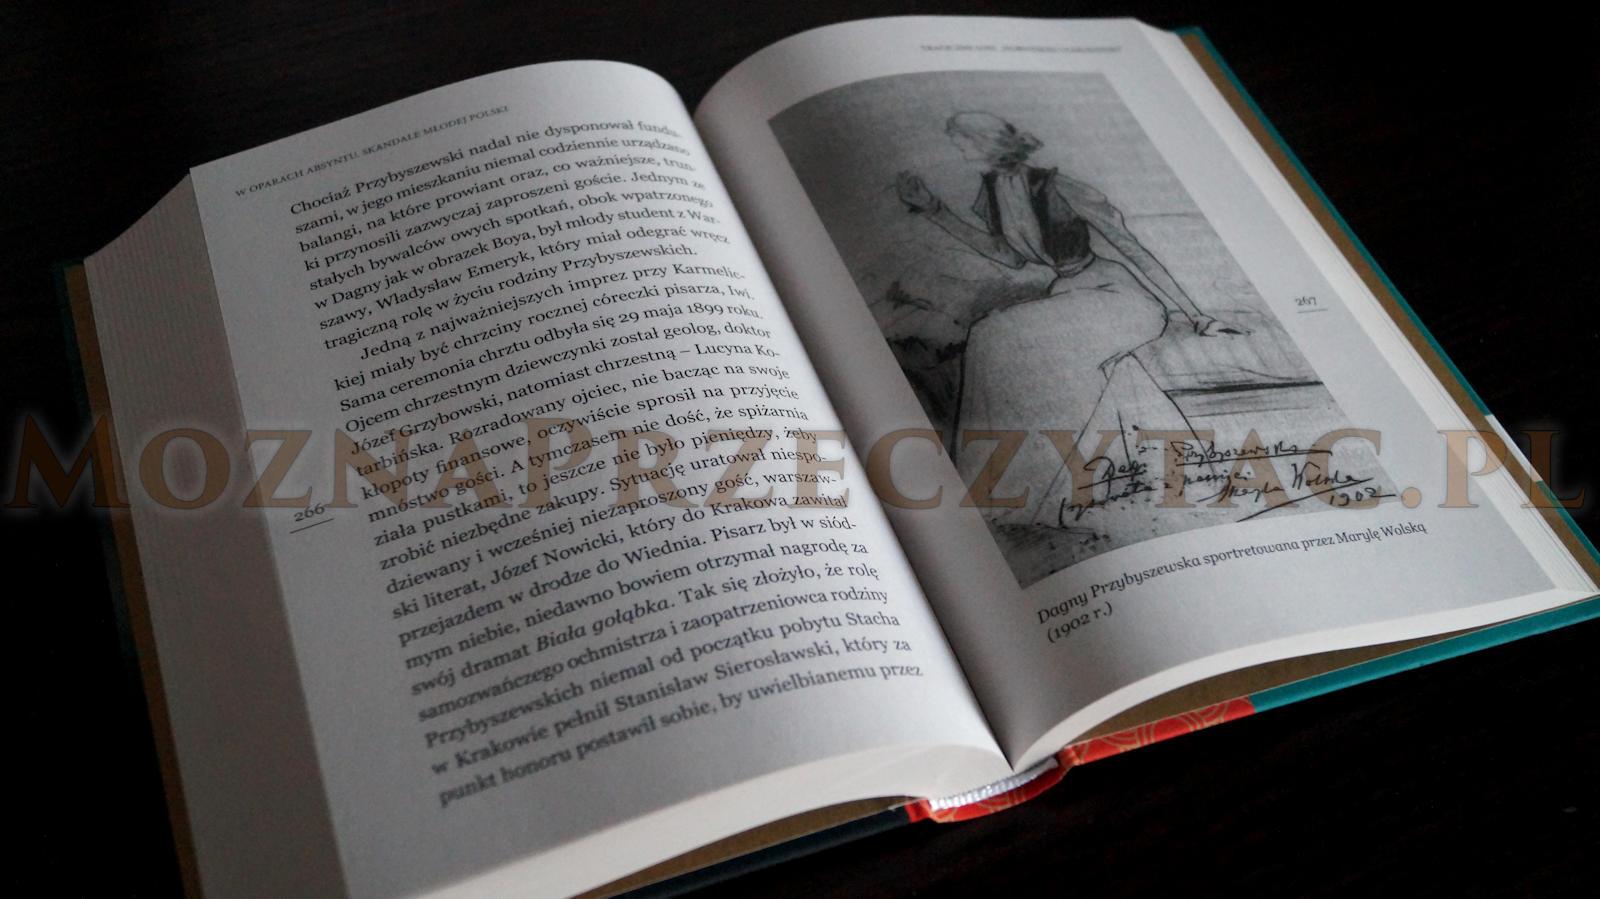 W oparach absyntu. Skandale Młodej Polski - Iwona Kienzler